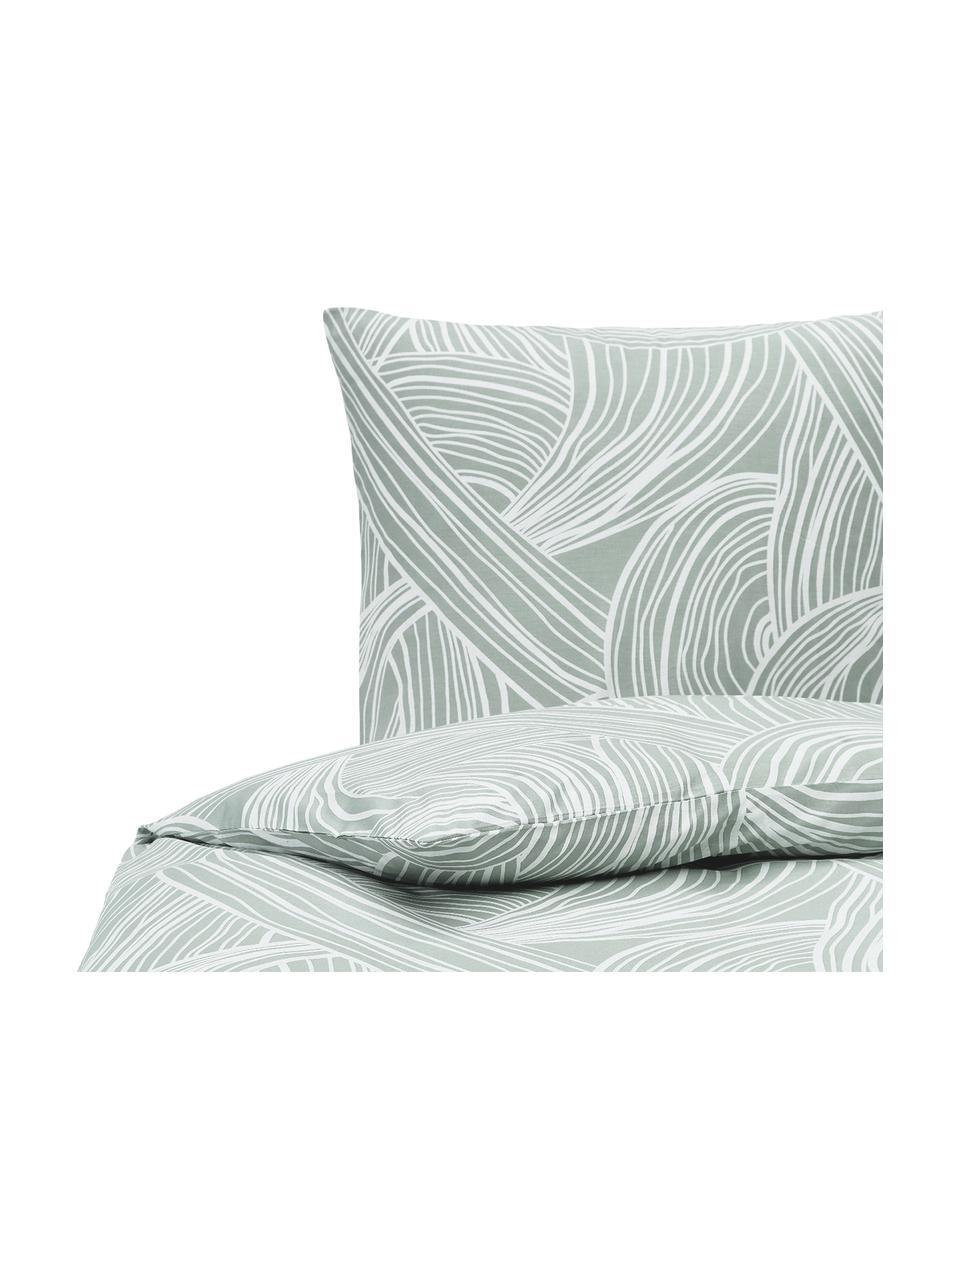 Gemusterte Baumwoll-Bettwäsche Korey, Webart: Renforcé Fadendichte 144 , Grün,Weiß, 135 x 200 cm + 1 Kissen 80 x 80 cm